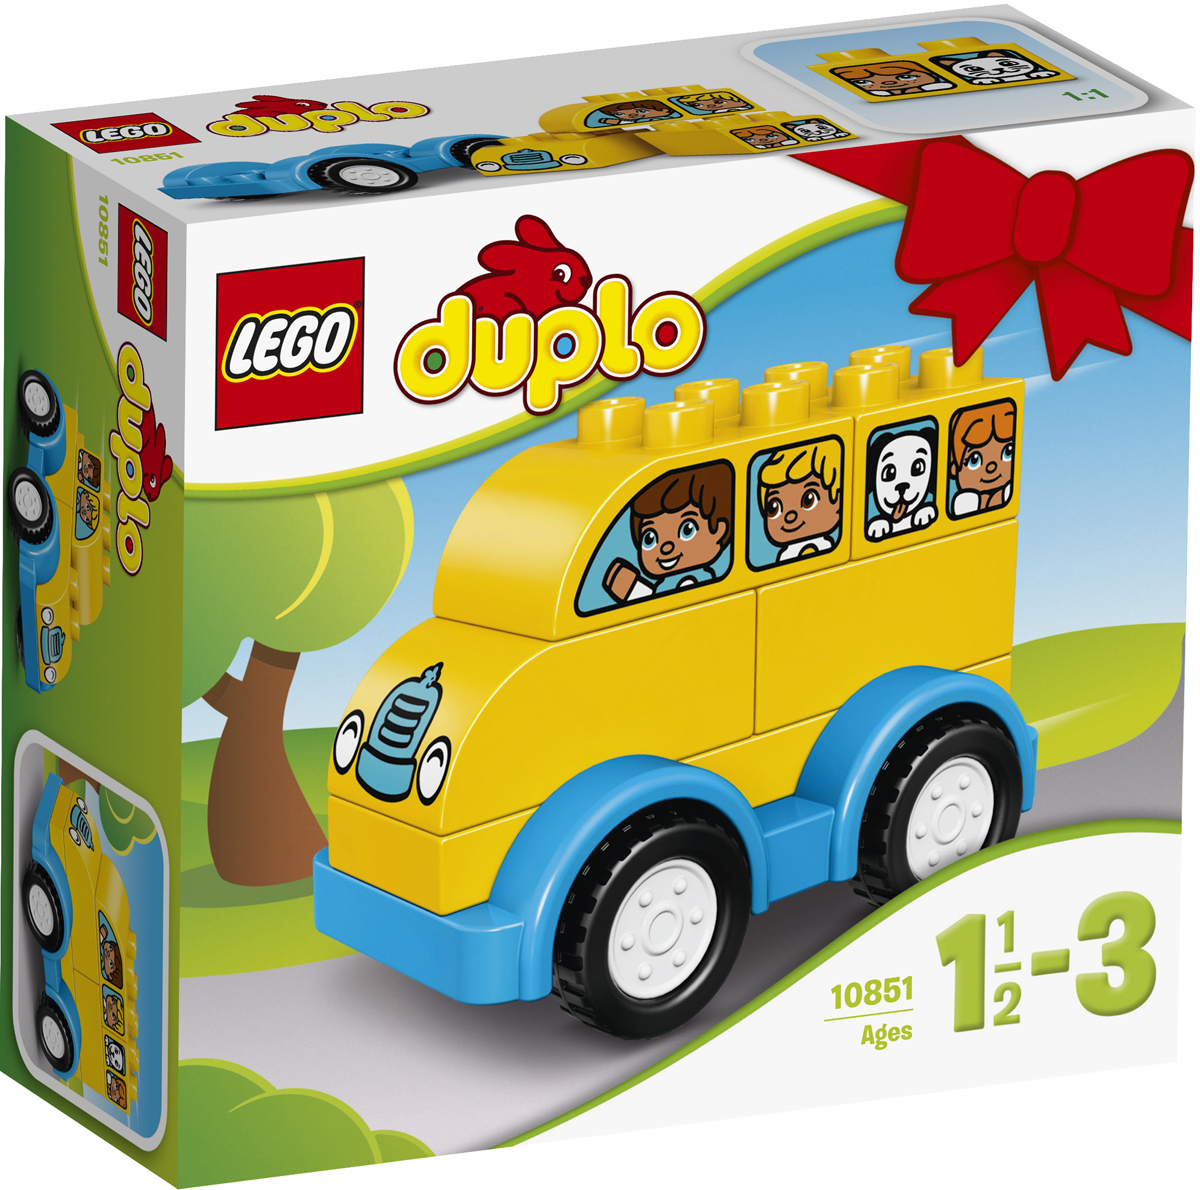 LEGO DUPLO Конструктор Мой первый автобус 10851 конструктор lego duplo лесной заповедник 10584